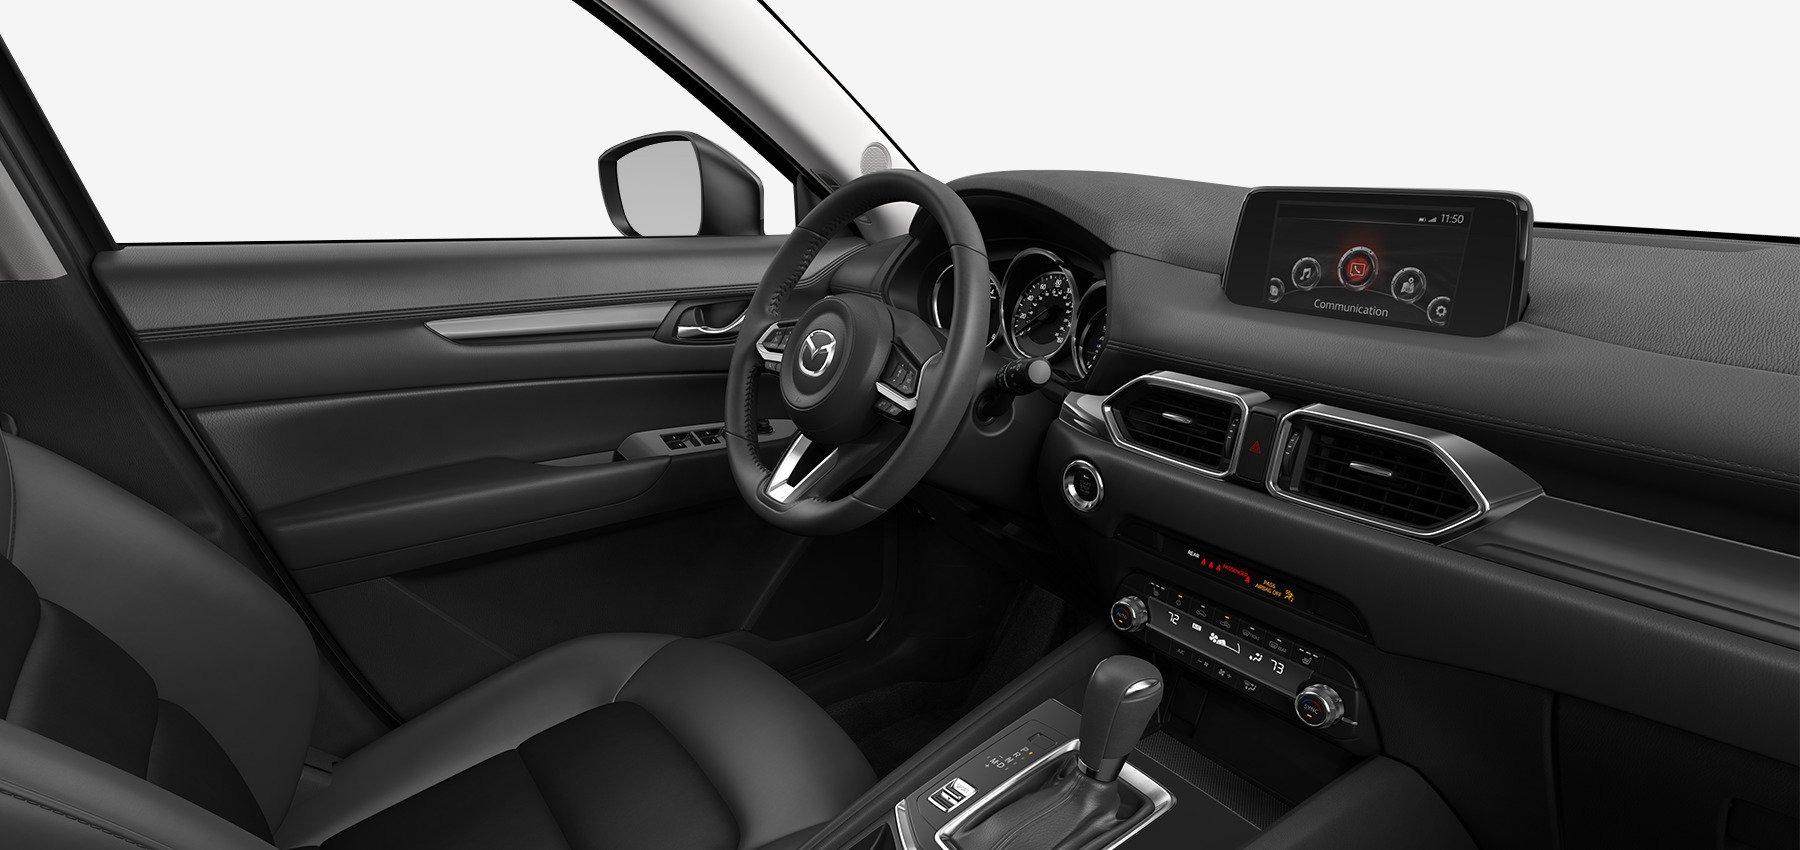 New-2019-Mazda-CX-5